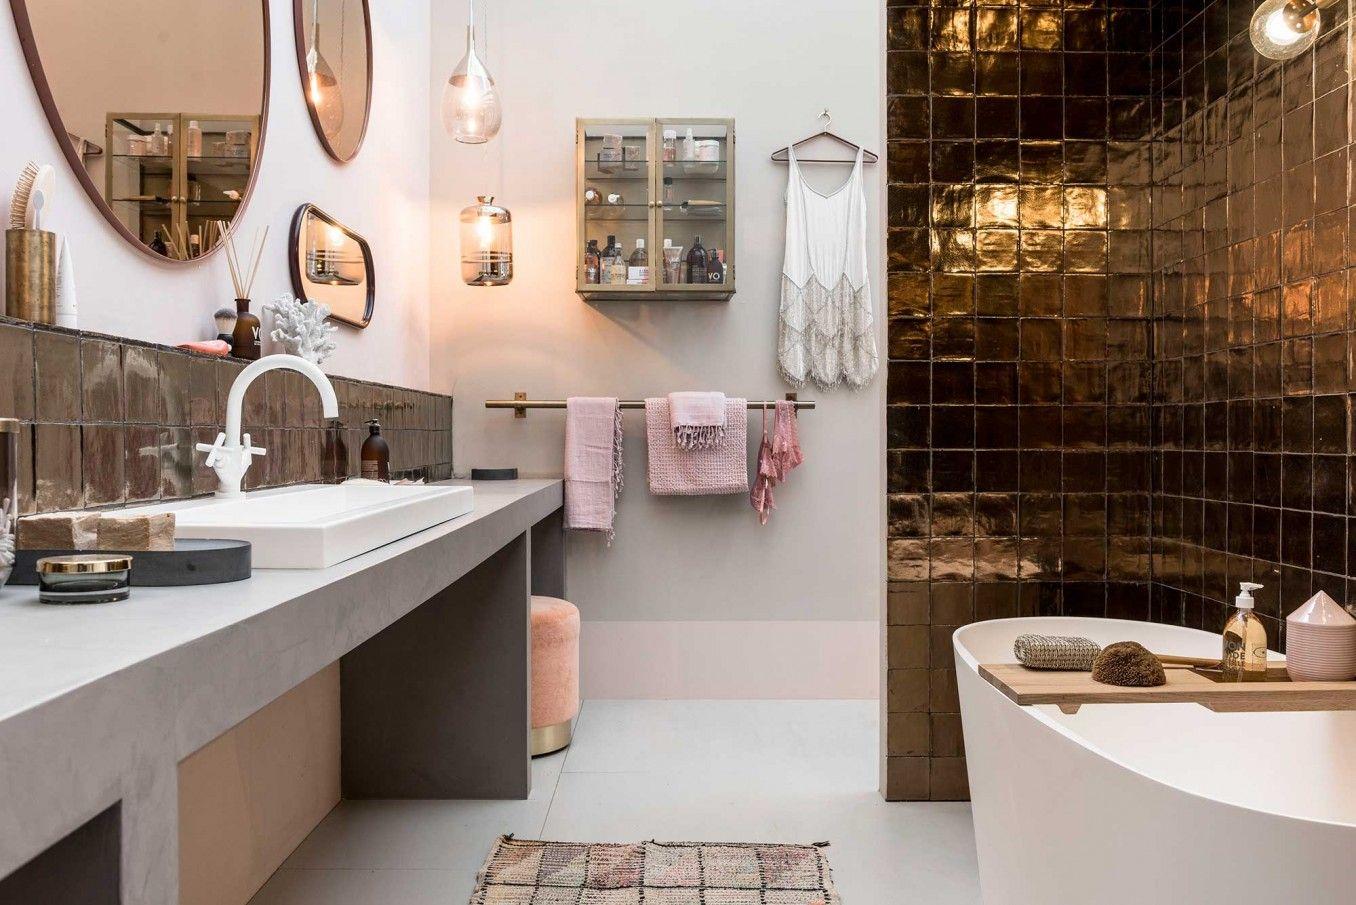 Badkamer met koperen tegels vtwonen huis op de vt wonen&design beurs ...